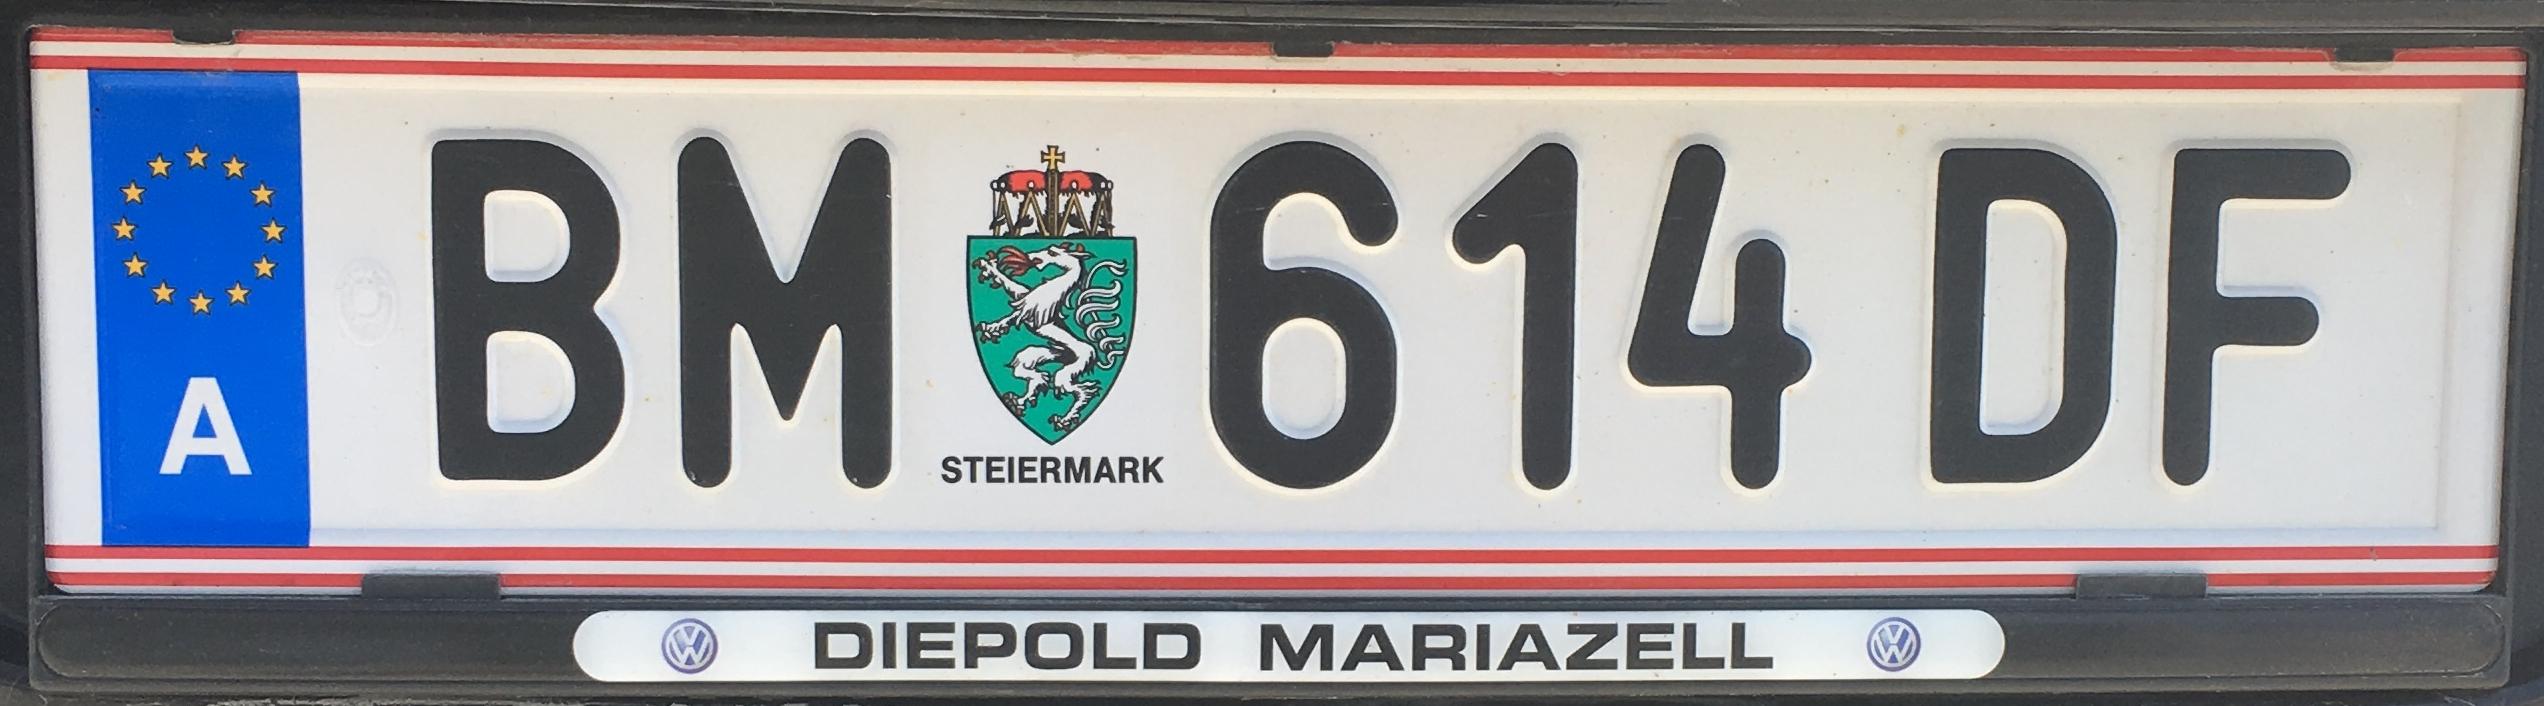 Registrační značka Rakousko - BM - Bruck-Mürzzuschlag, foto: www.podalnici.cz